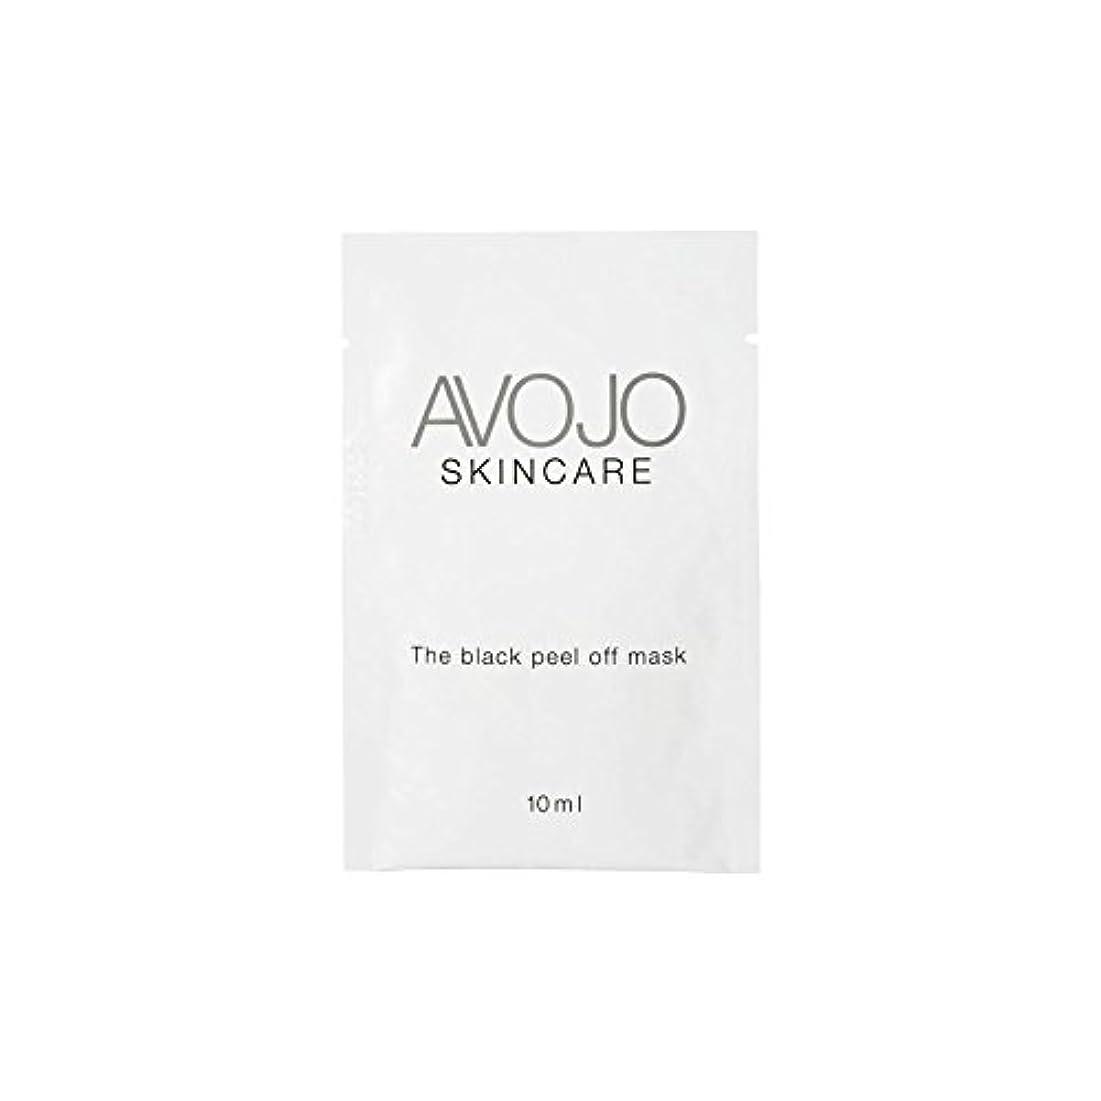 宝石辞任する遊具- ブラックピールオフマスク - 小袋(10ミリリットル×4) x4 - Avojo - The Black Peel Off Mask - Sachet (10ml X 4) (Pack of 4) [並行輸入品]